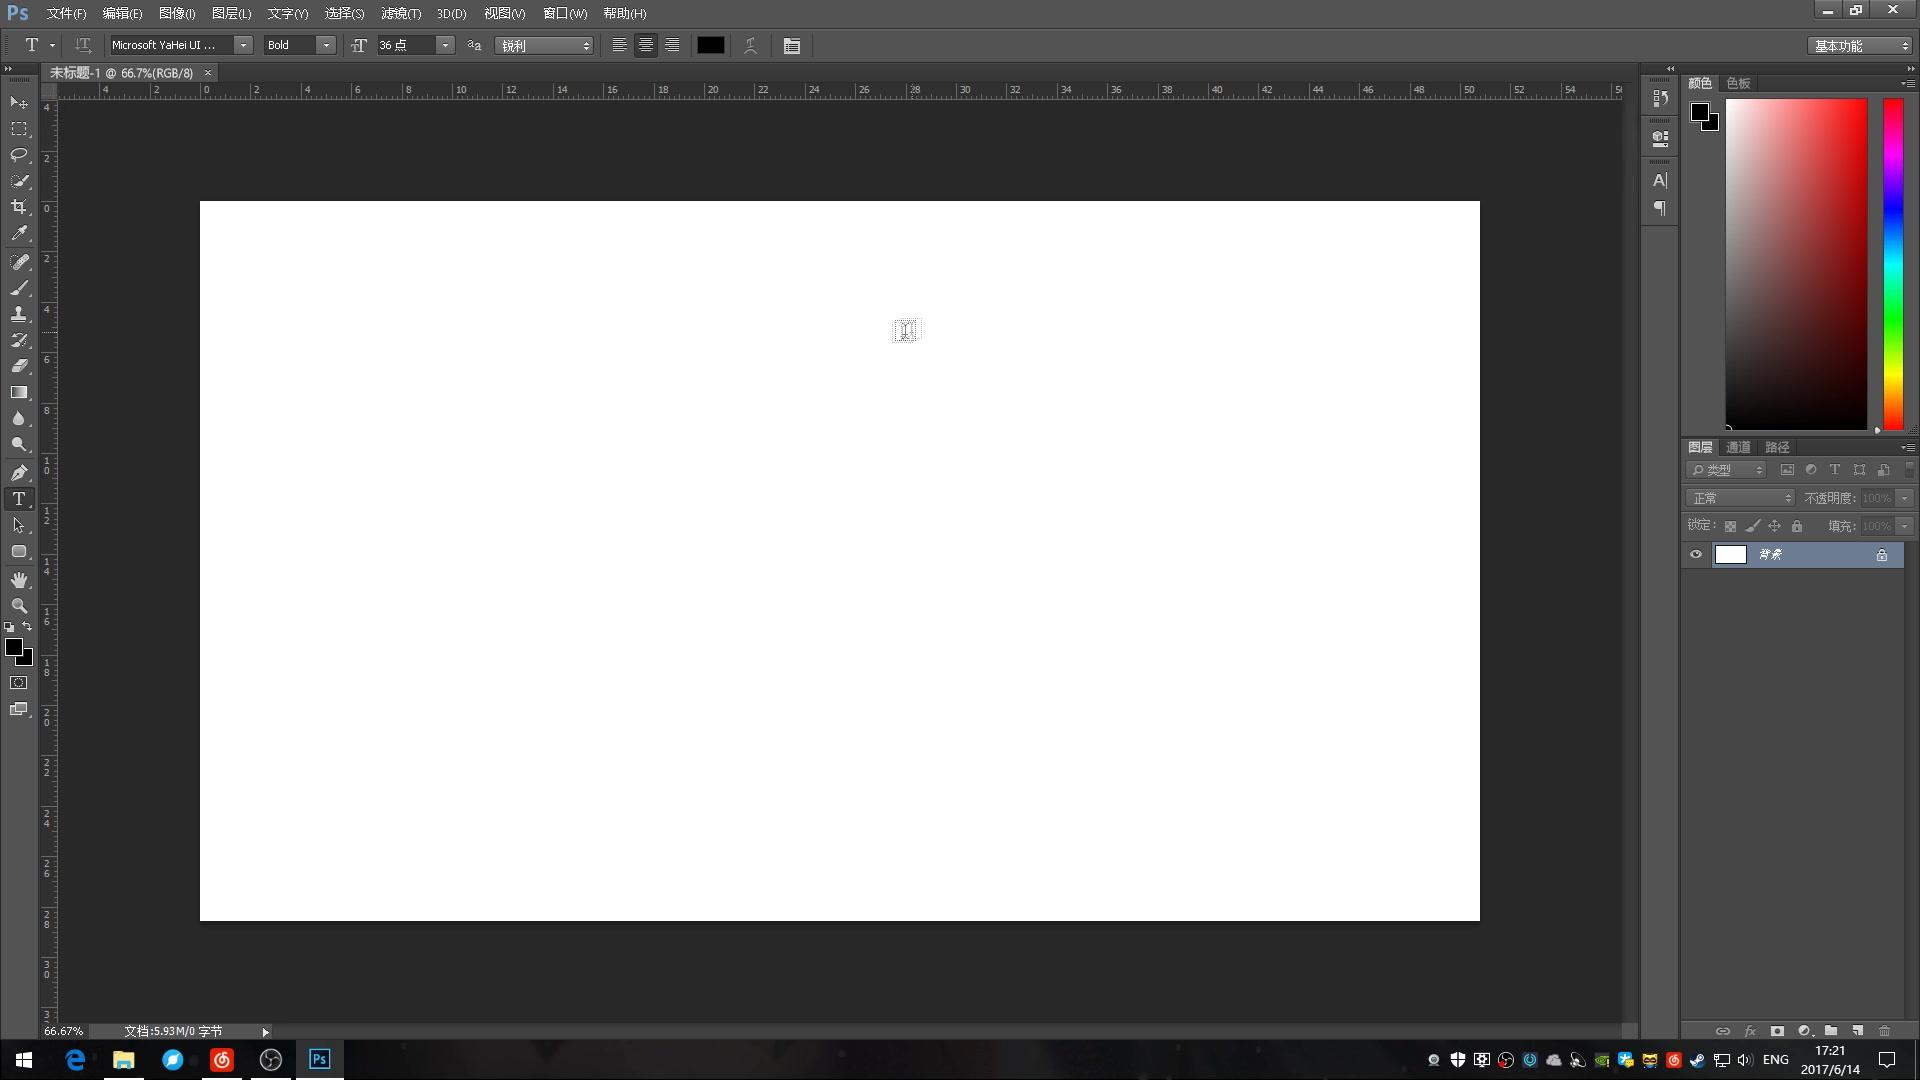 使用ps制作简洁的直播边框教程【无声版】图片